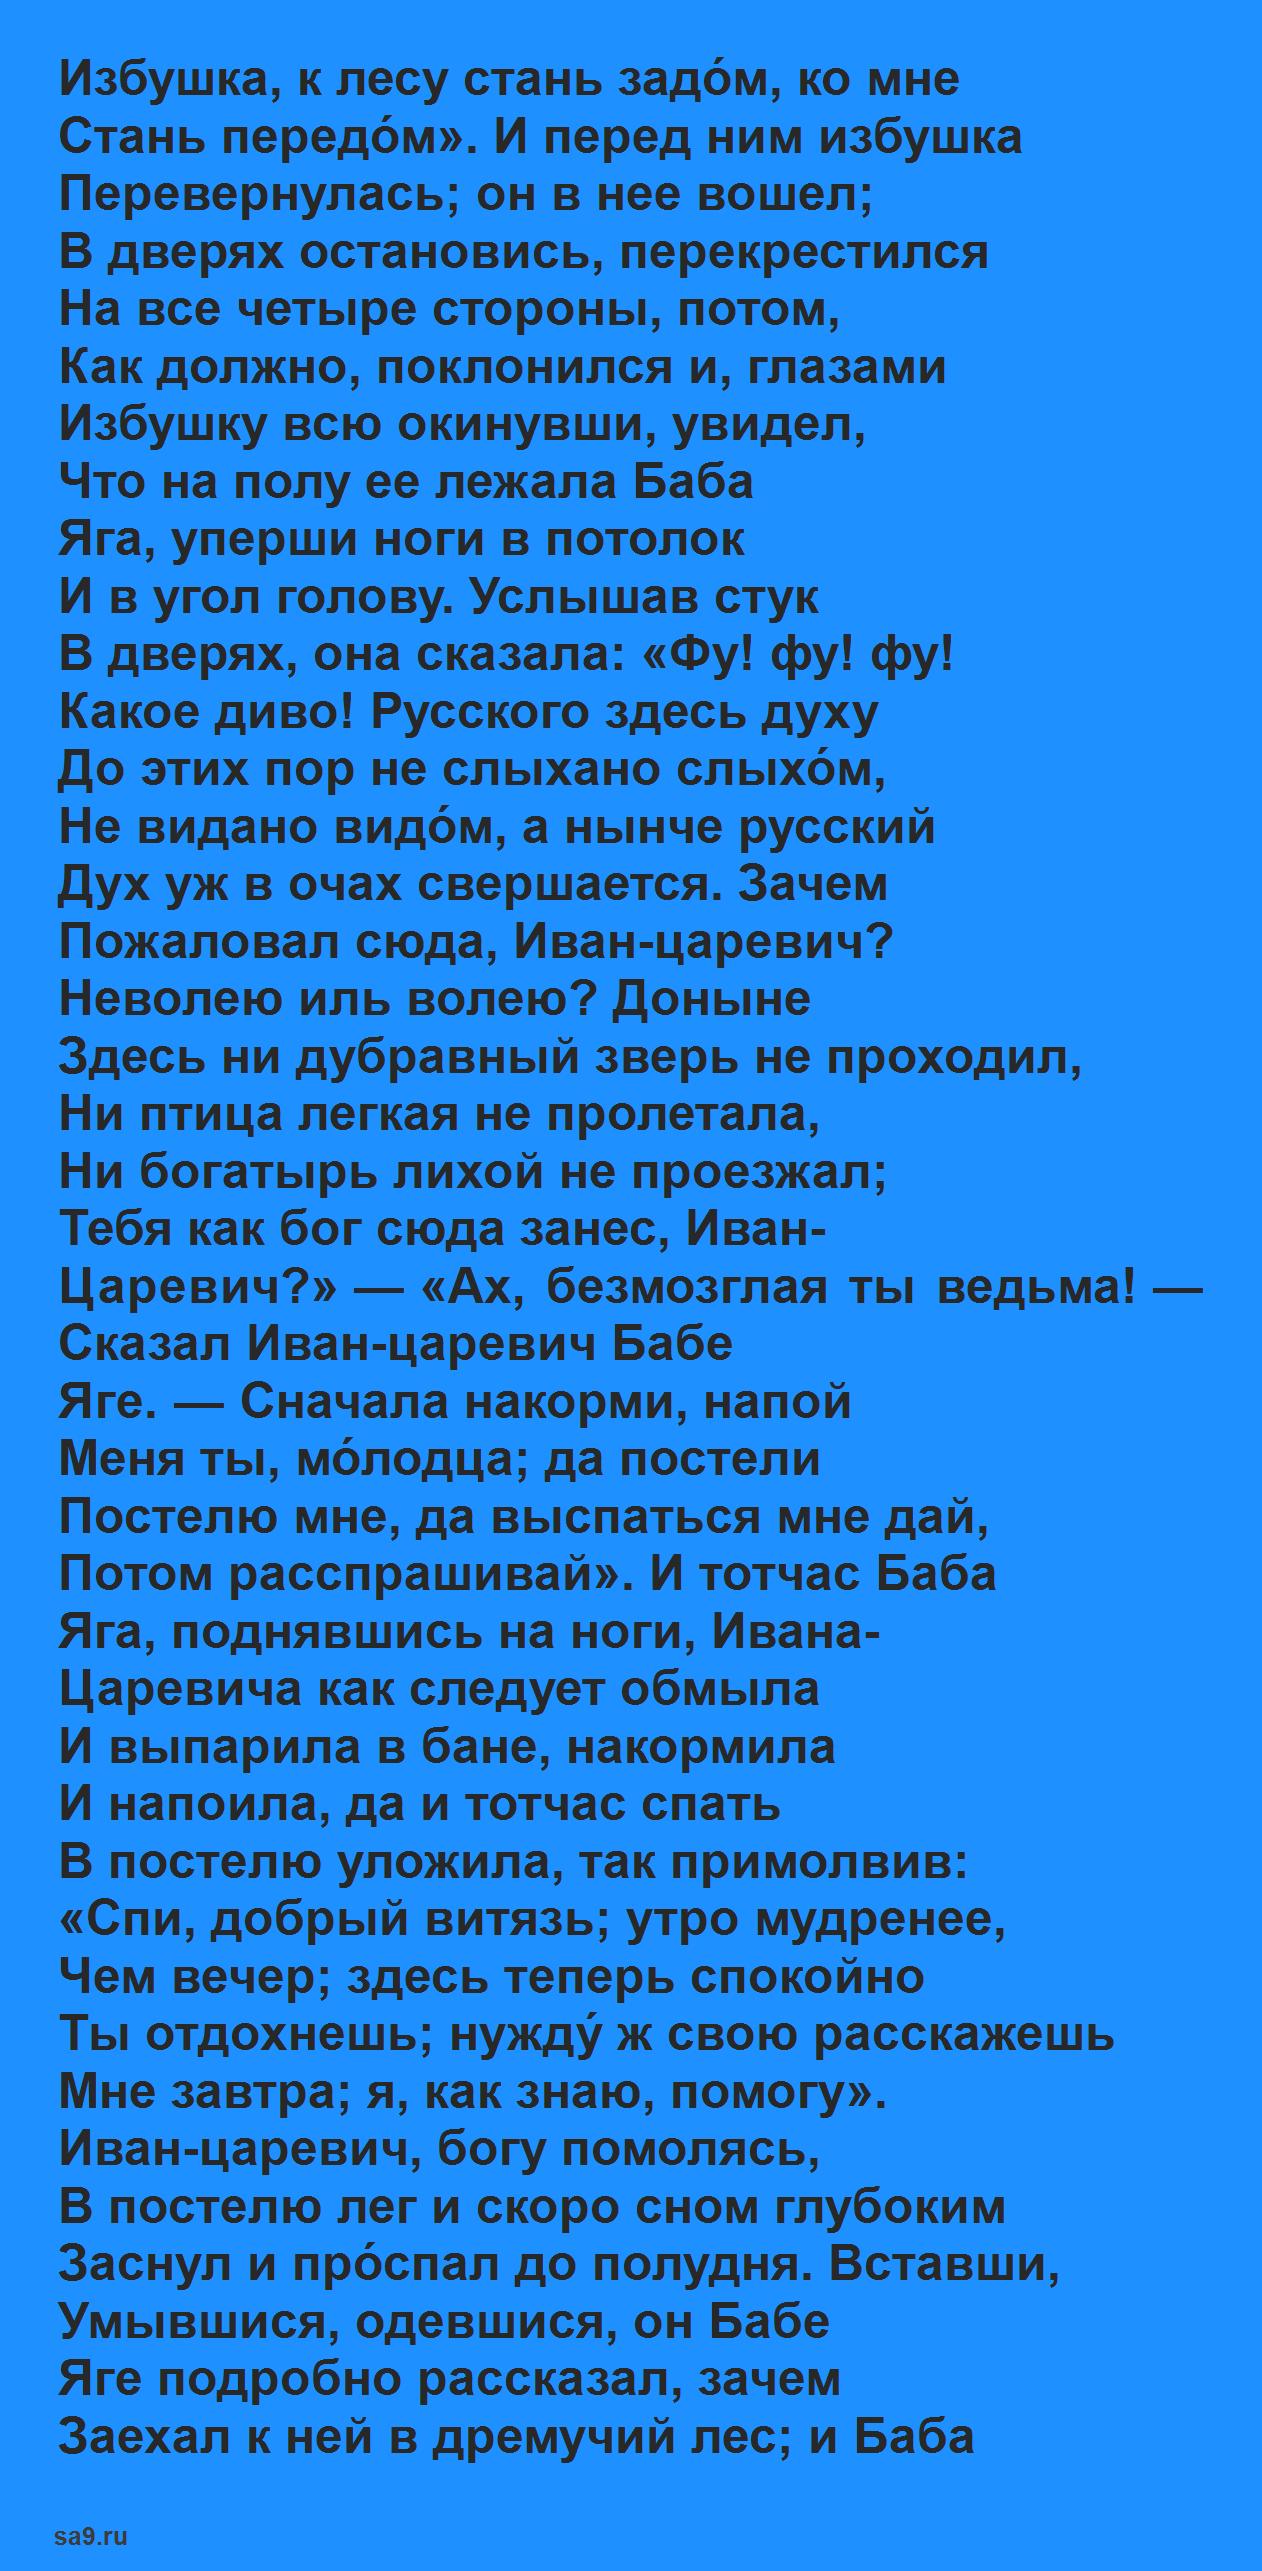 Читать сказку Василия Жуковского - Иван царевич и серый волк